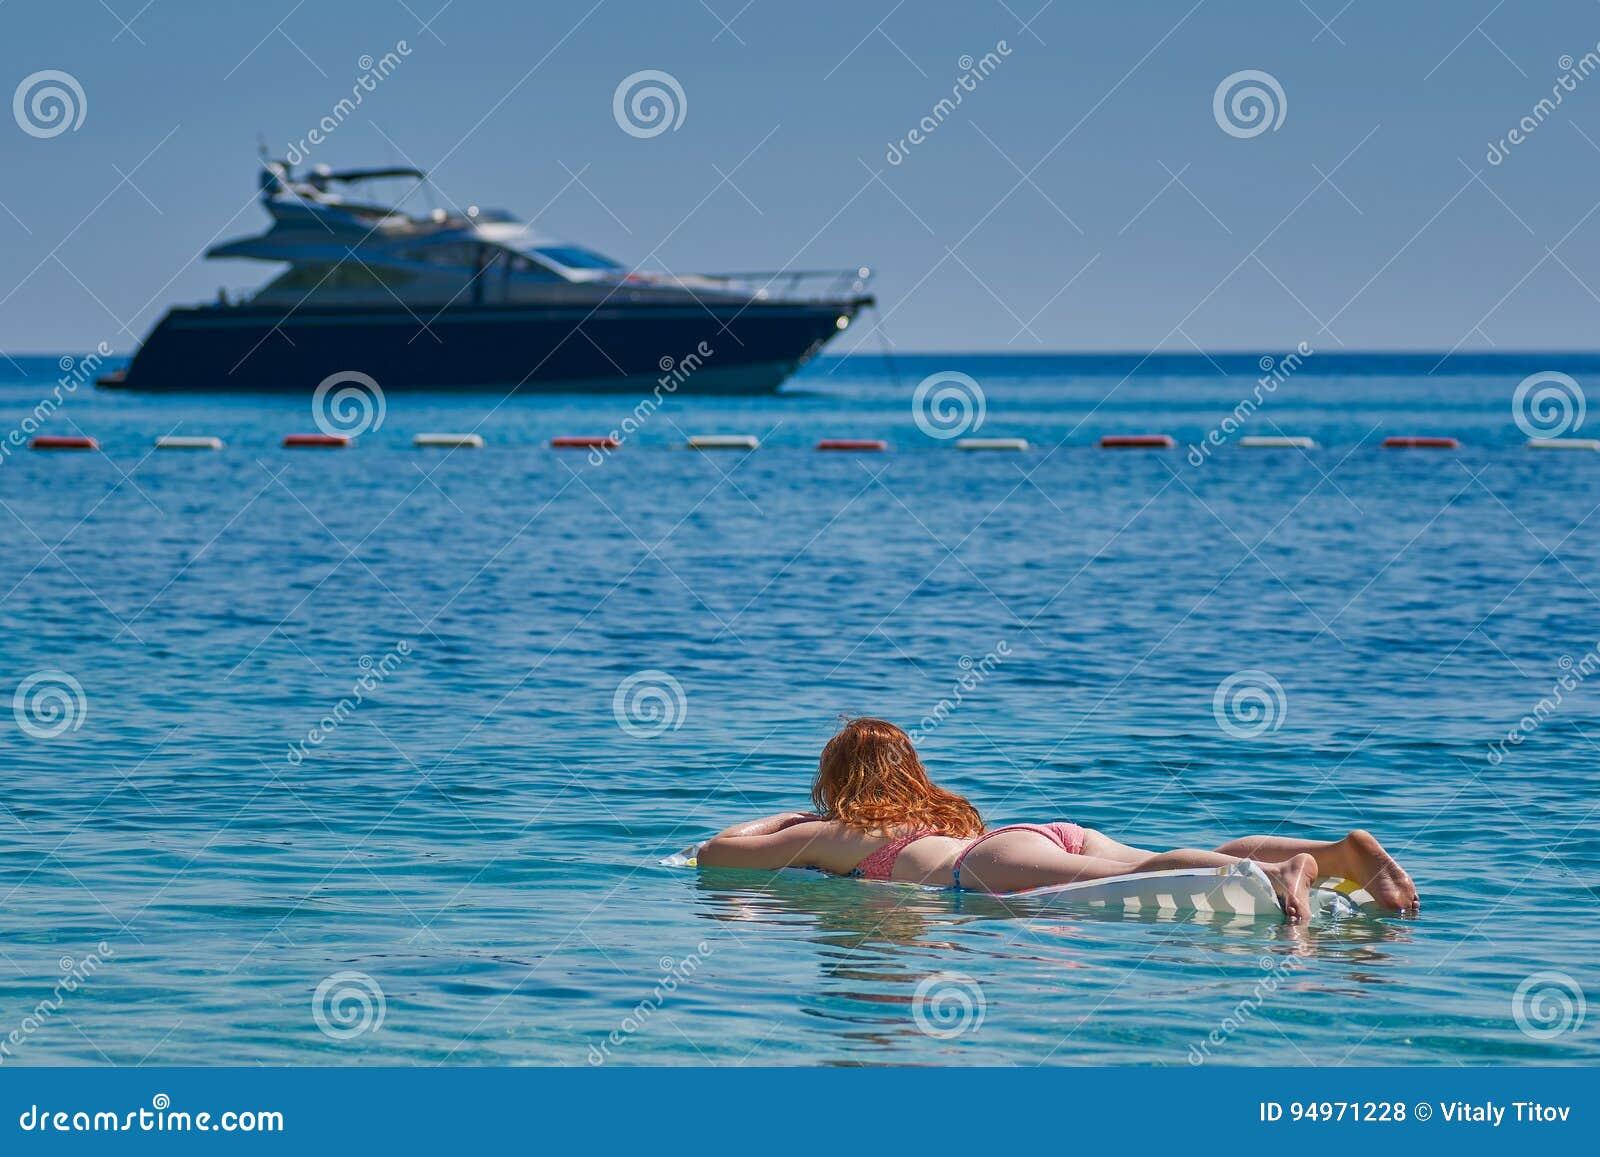 Materassi Gonfiabili Per Mare.Giovane Donna Sul Materasso Gonfiabile In Mare Fotografia